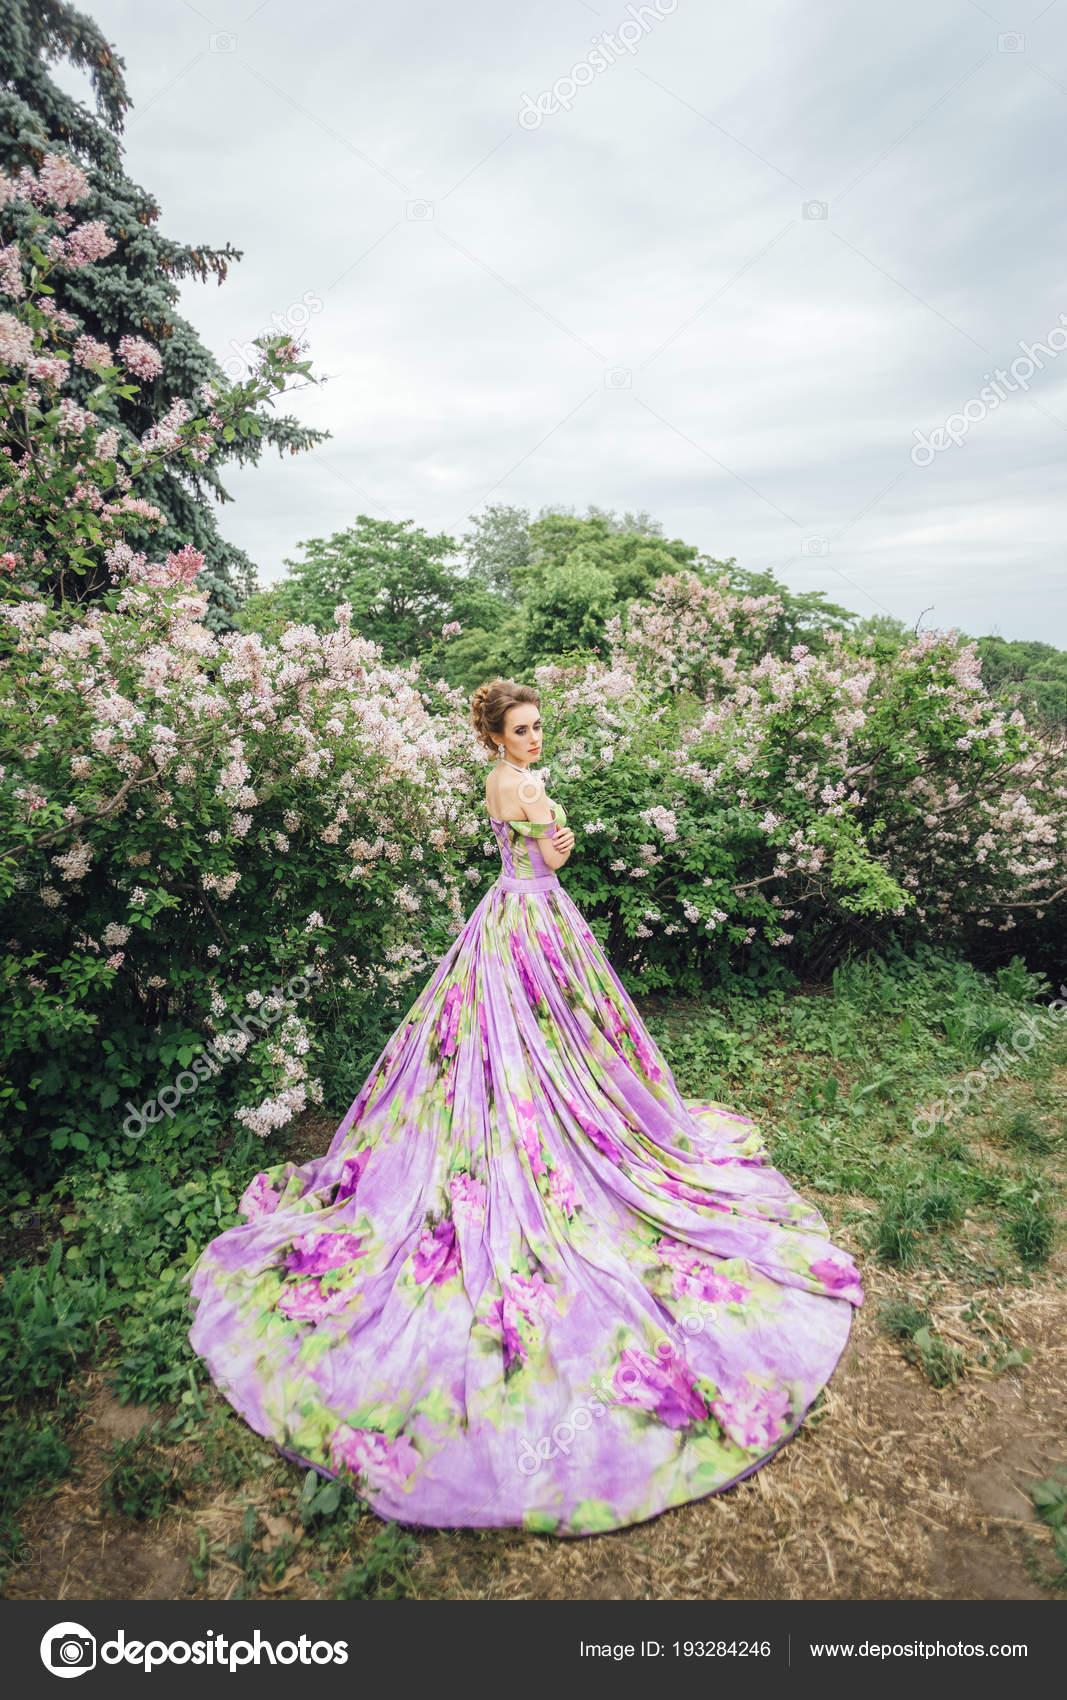 Magnifique Modèle Posant Dans Robe Port Jardin Avec Fleur Imprimer ...